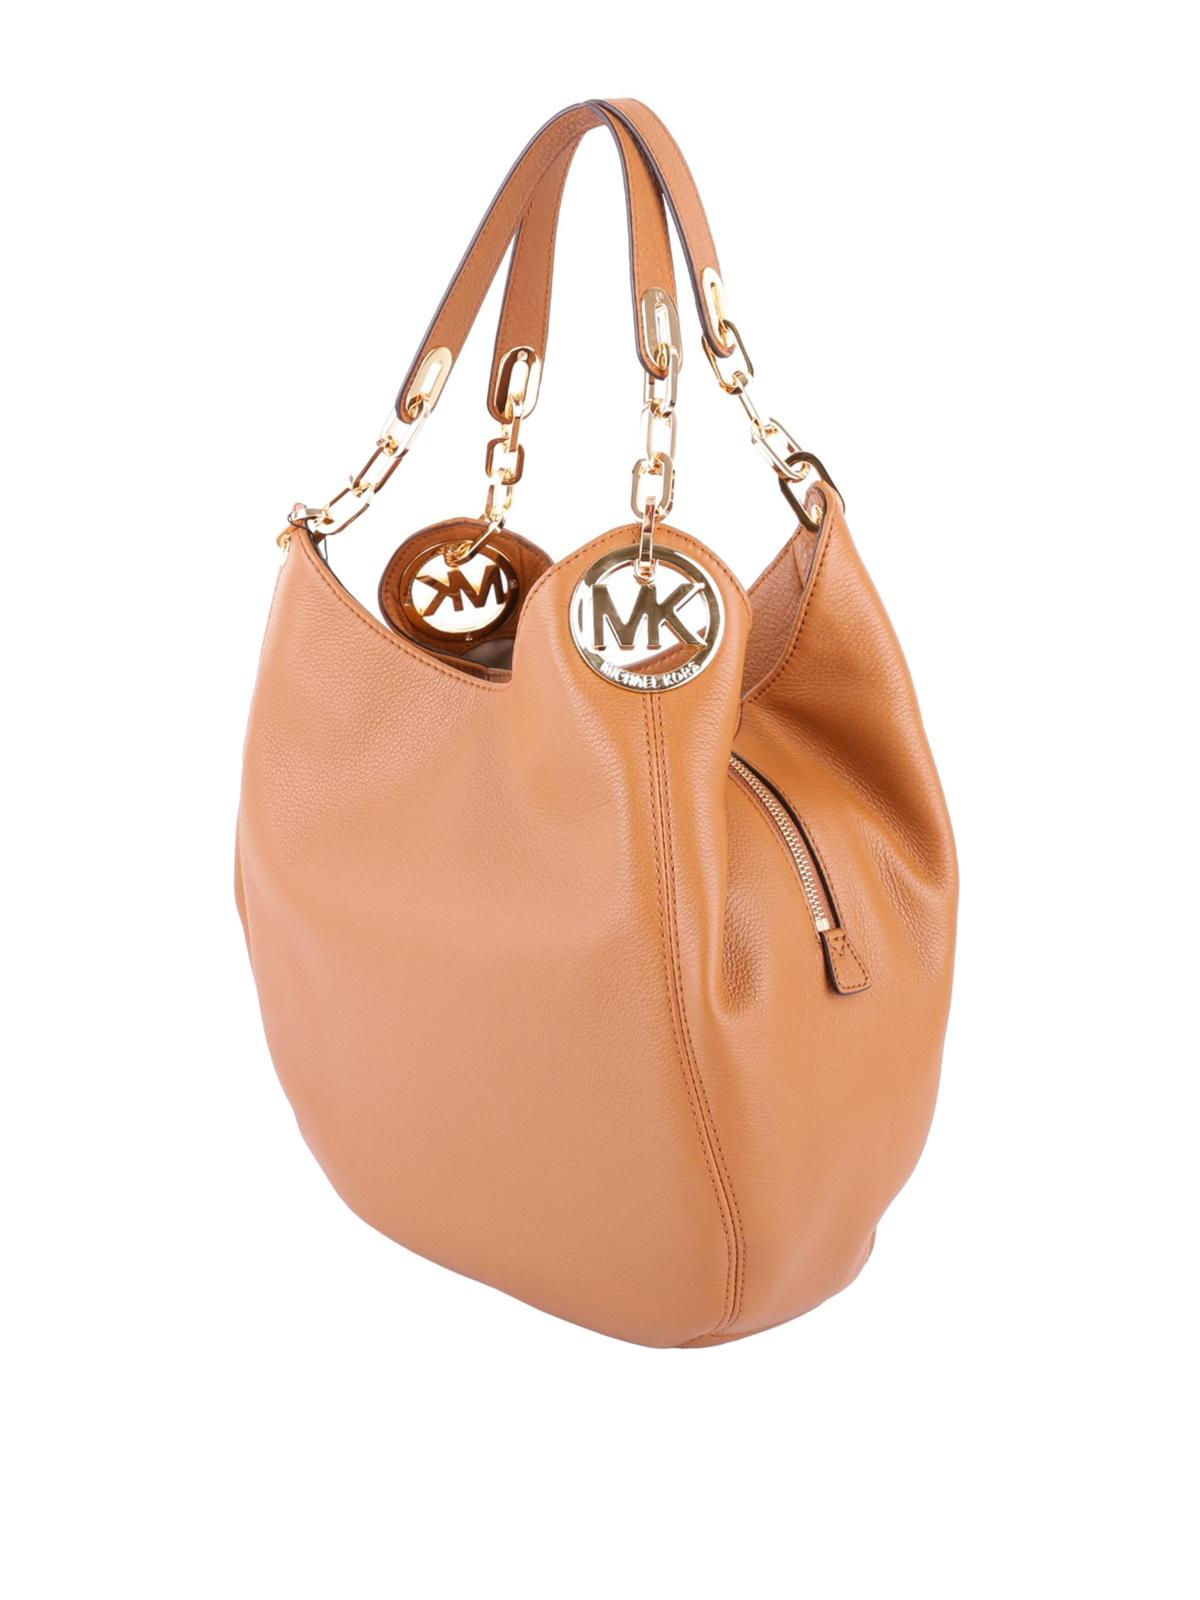 557db9649307 MICHAEL KORS  shoulder bags online - Fulton large acorn leather shoulder bag